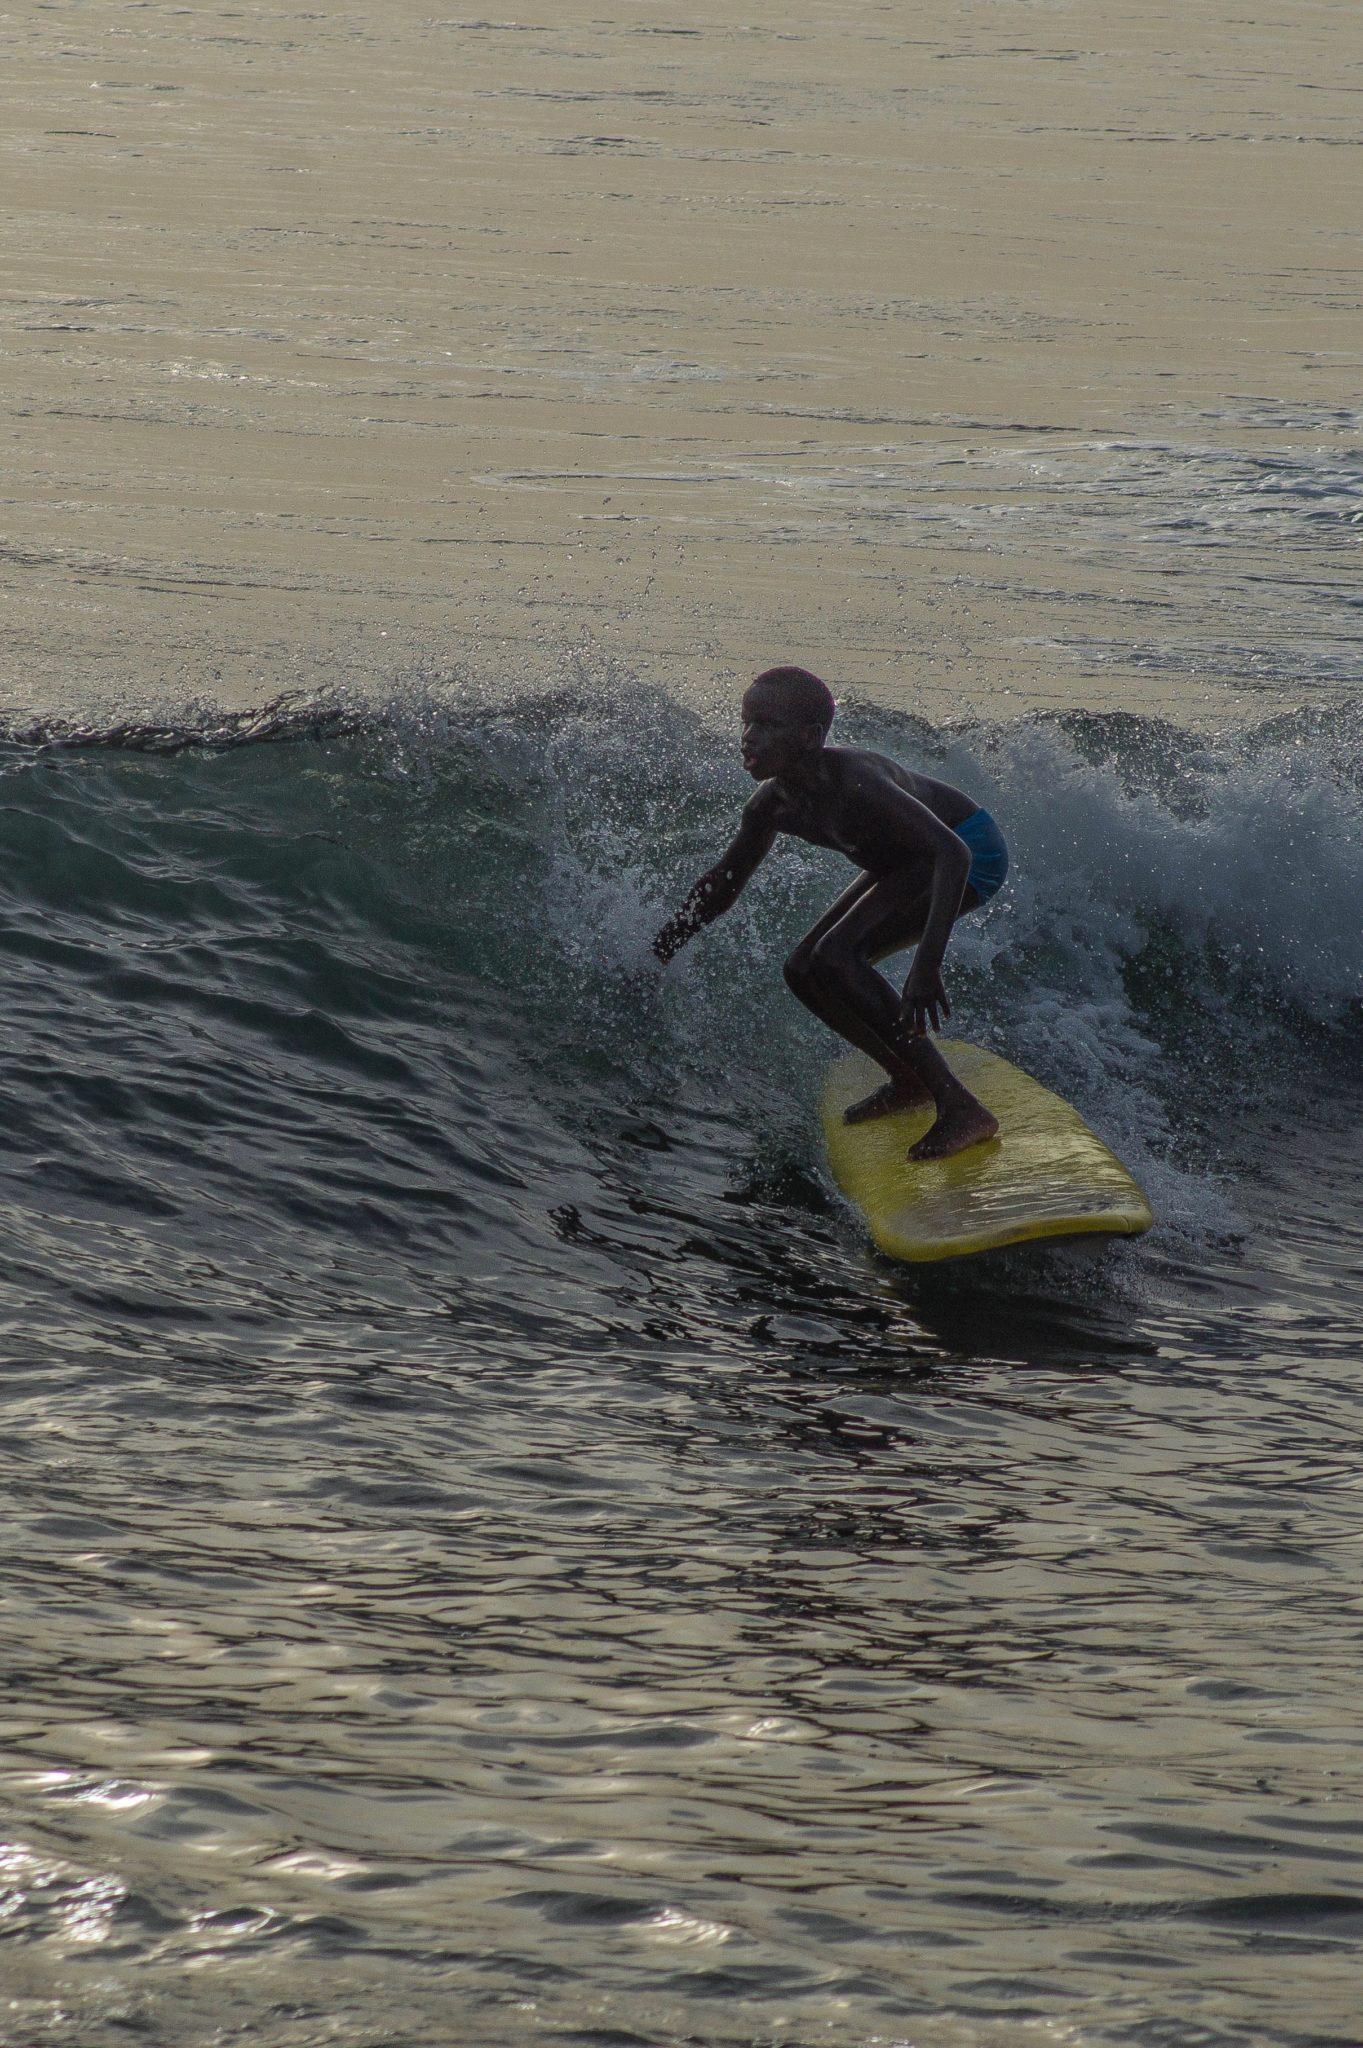 Surf Senegal: An der Promenade von Les Almadies in Dakar befinden sich viele Cafés und Restaurants, die einen perfekten Ausblick auf die Surfer bieten.